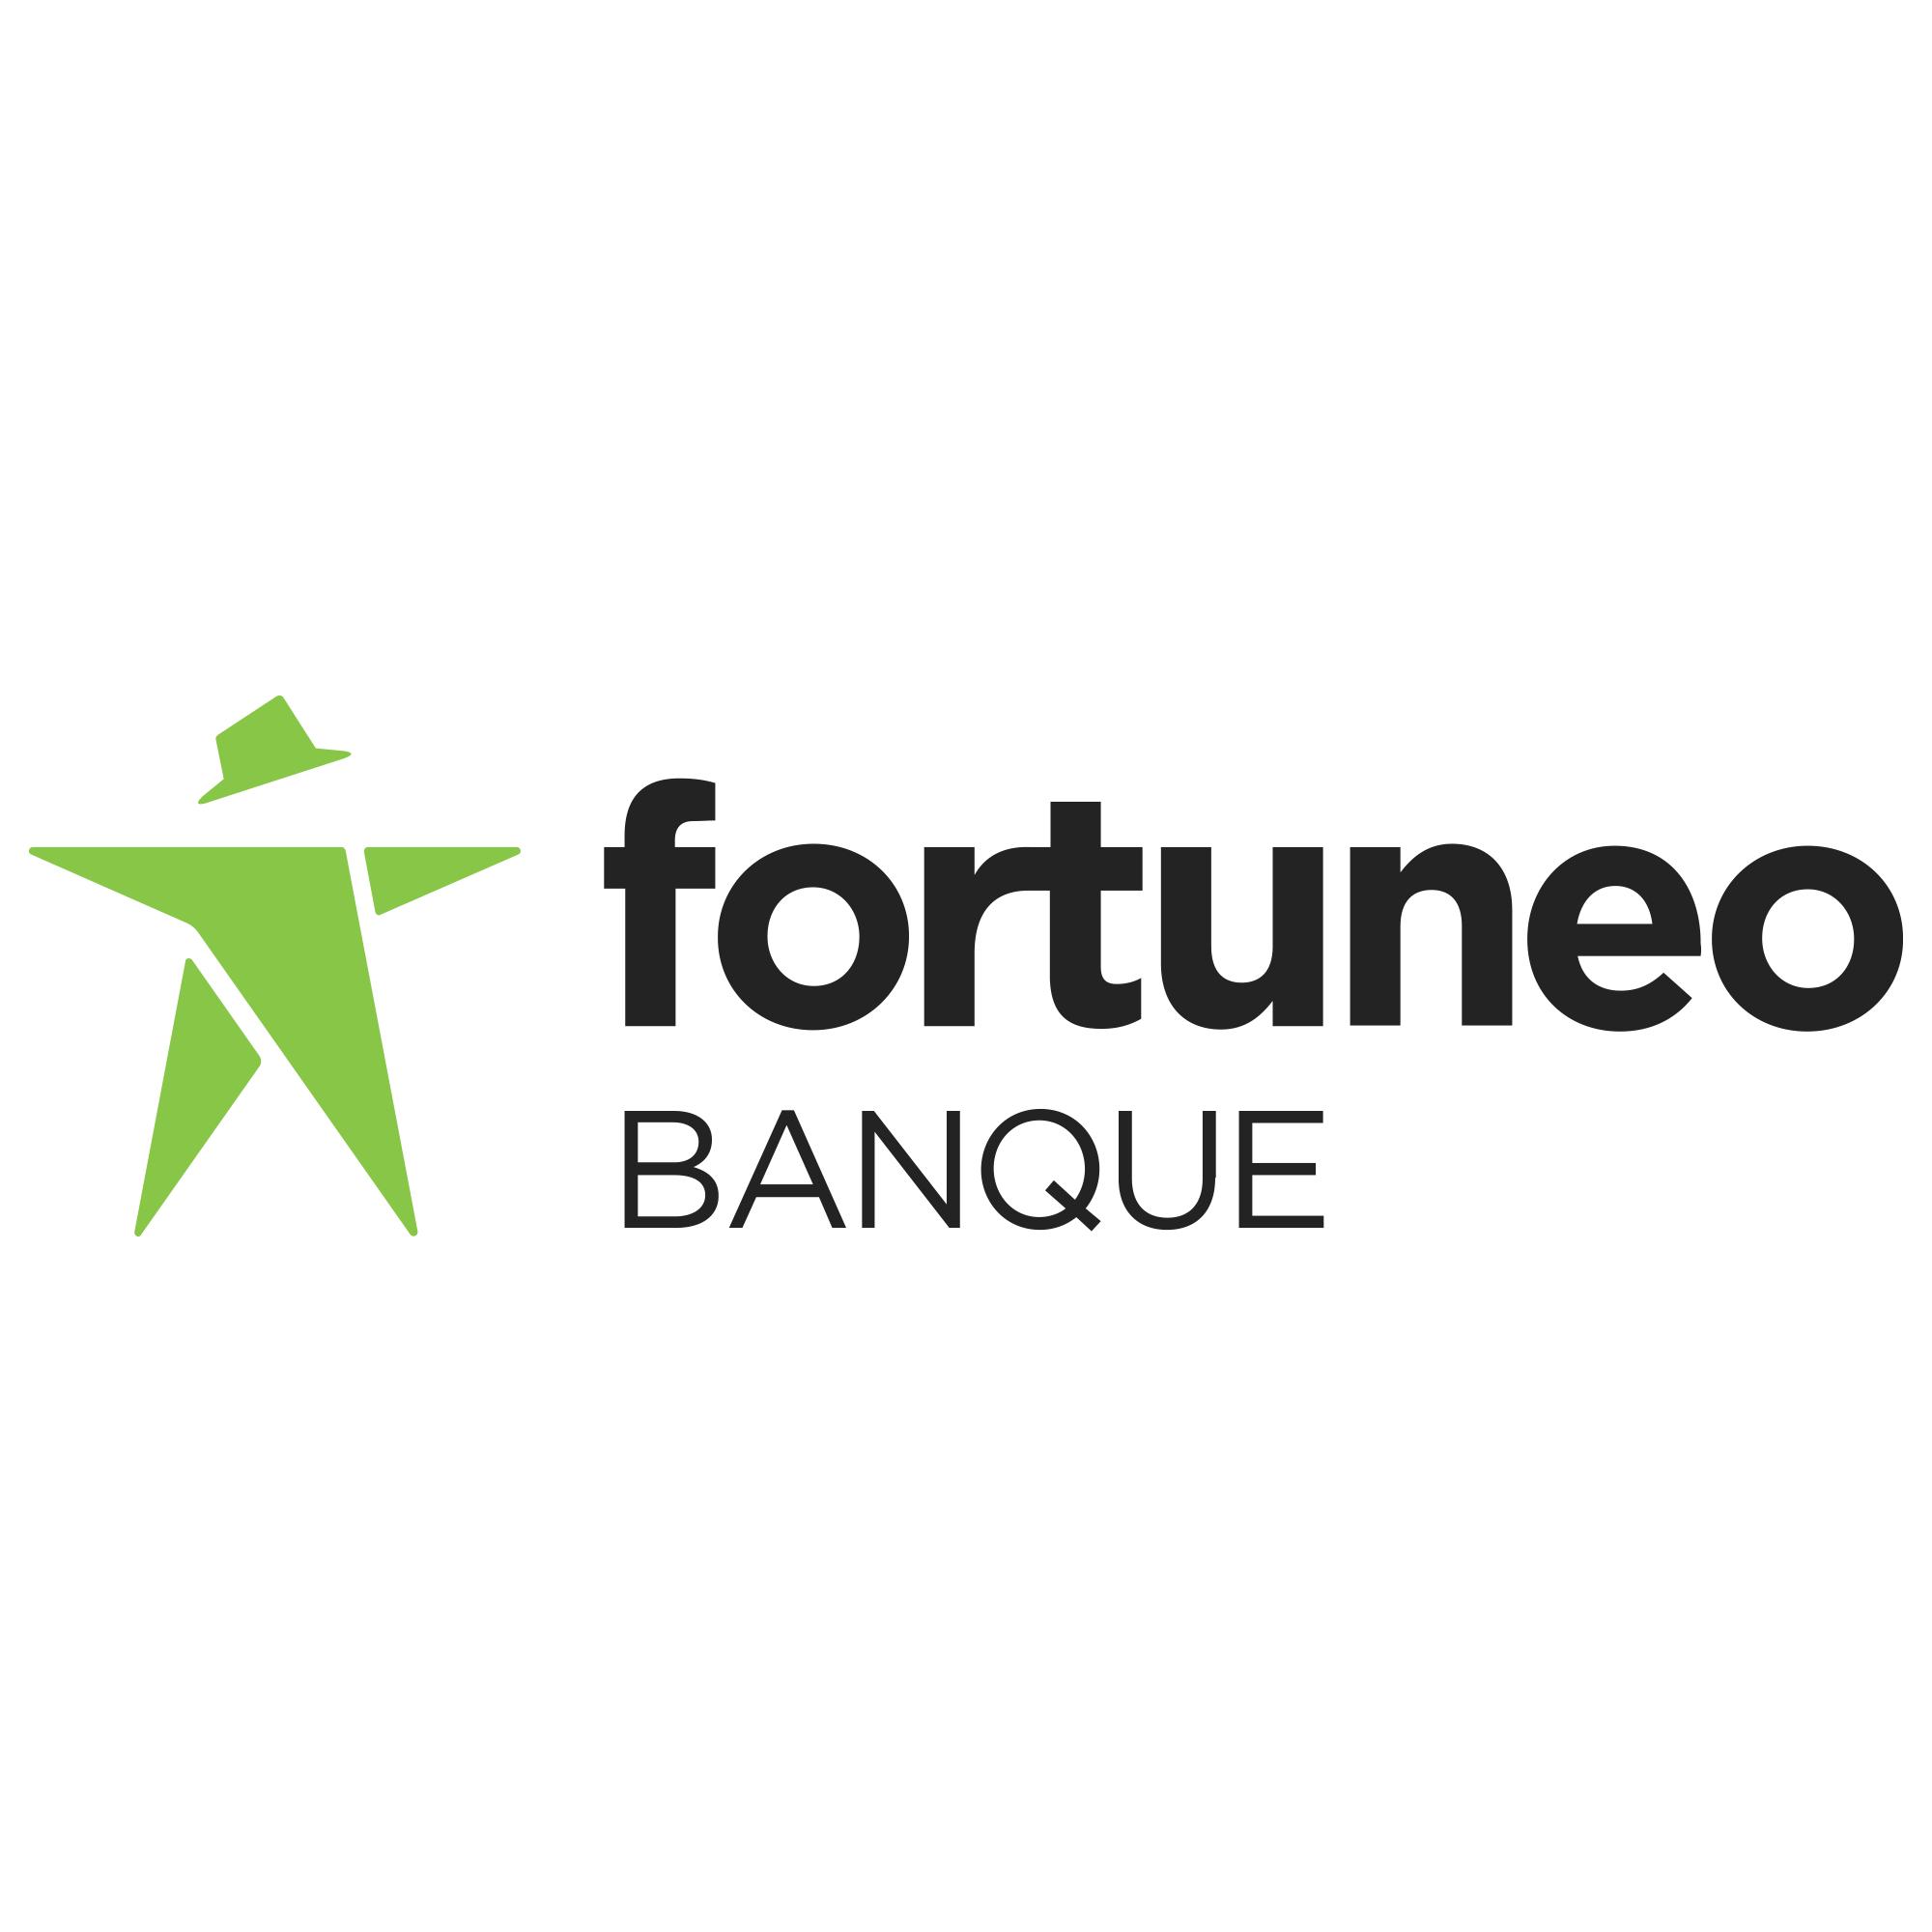 [Nouveaux clients] 80€ offerts pour toute première ouverture de compte bancaire avec CB (sous conditions)